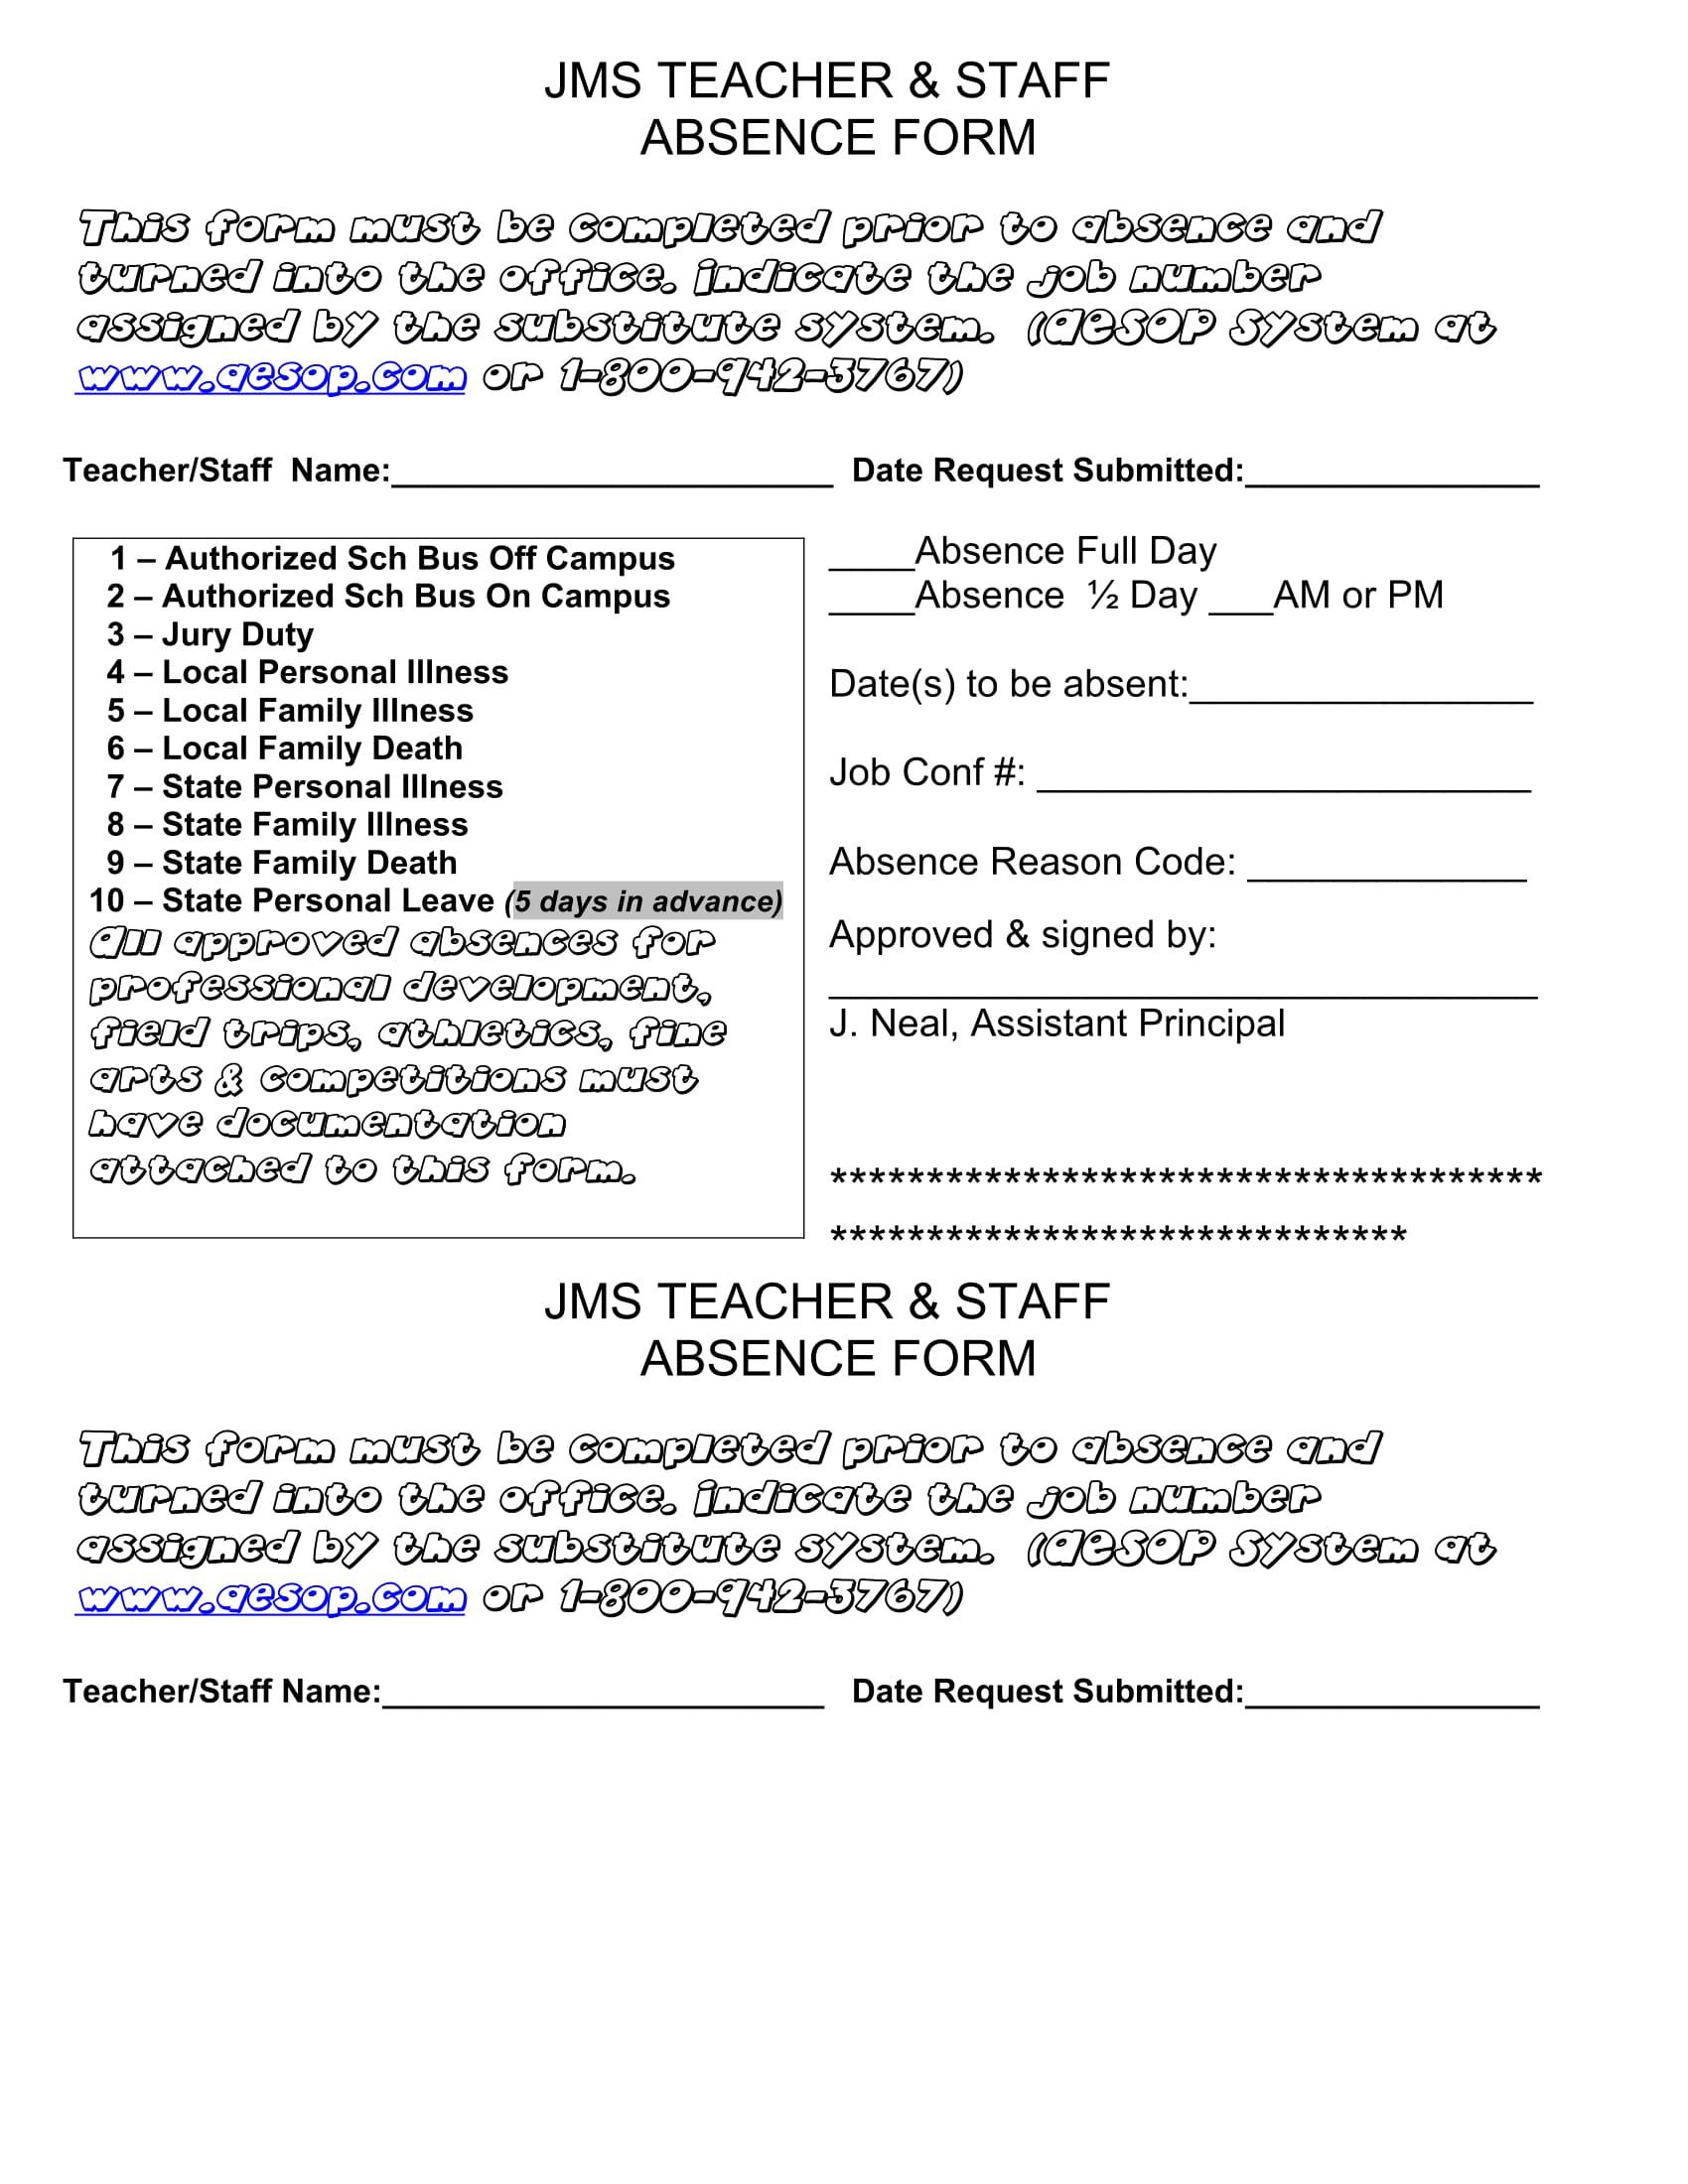 teacher staff absence form 1